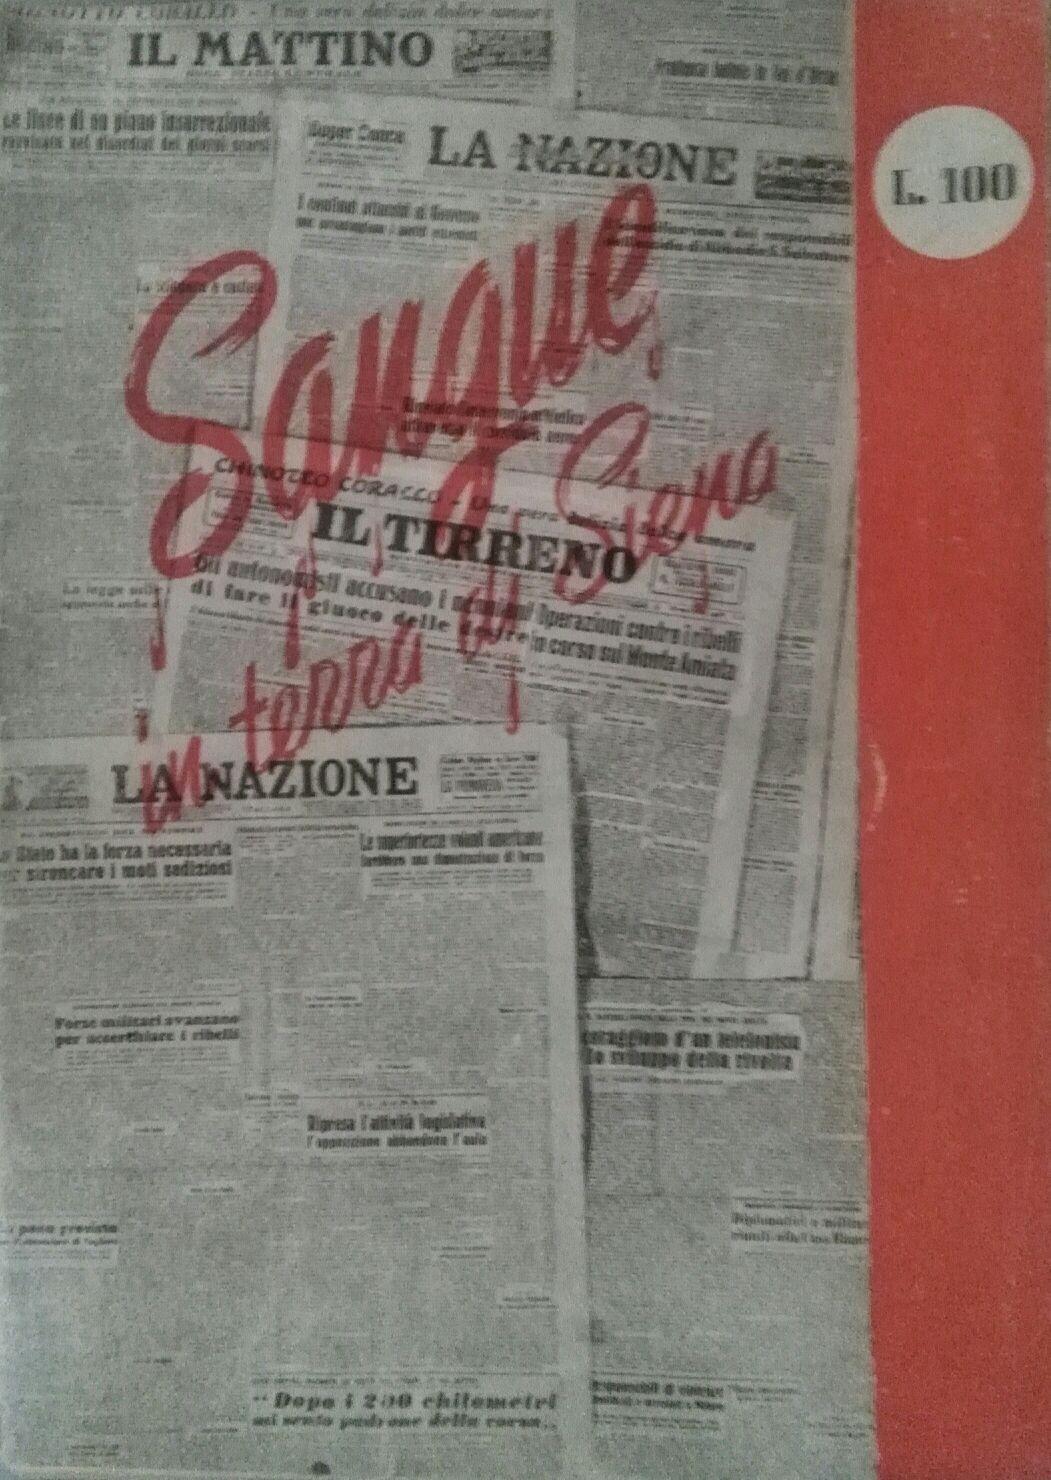 Opuscolo del Pci sui fatti del luglio 1948 e sulla repressione che ne seguì